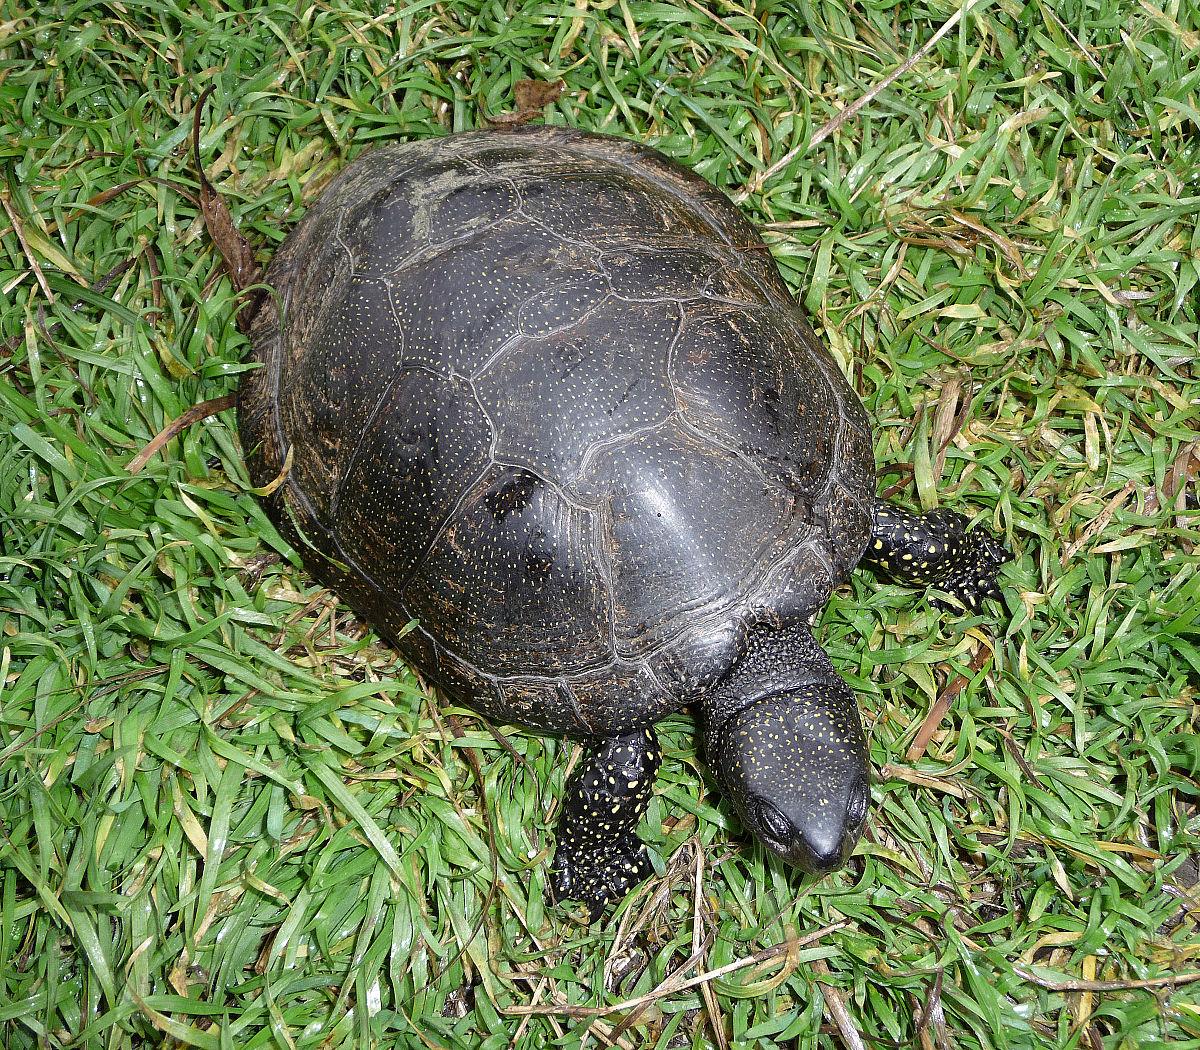 vörös foltok a teknős hasán Európai pikkelysmr kezels protokollja